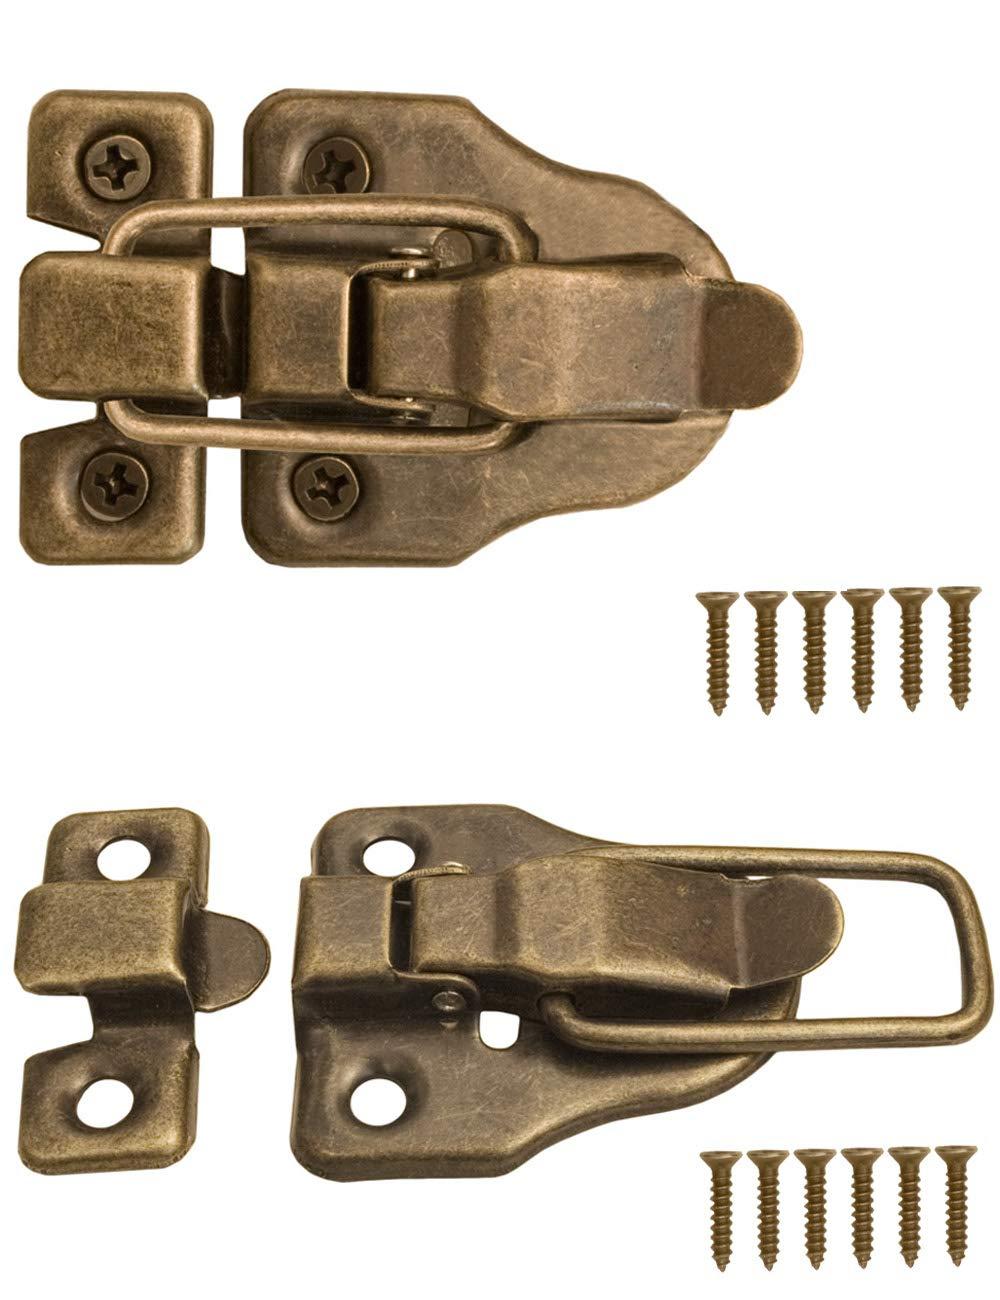 FUXXER® – 2 x chiusure per casse, scatole, valigie per serratura per tende, design vintage, in ottone, set da 2 con viti, 59 mm x 40 mm